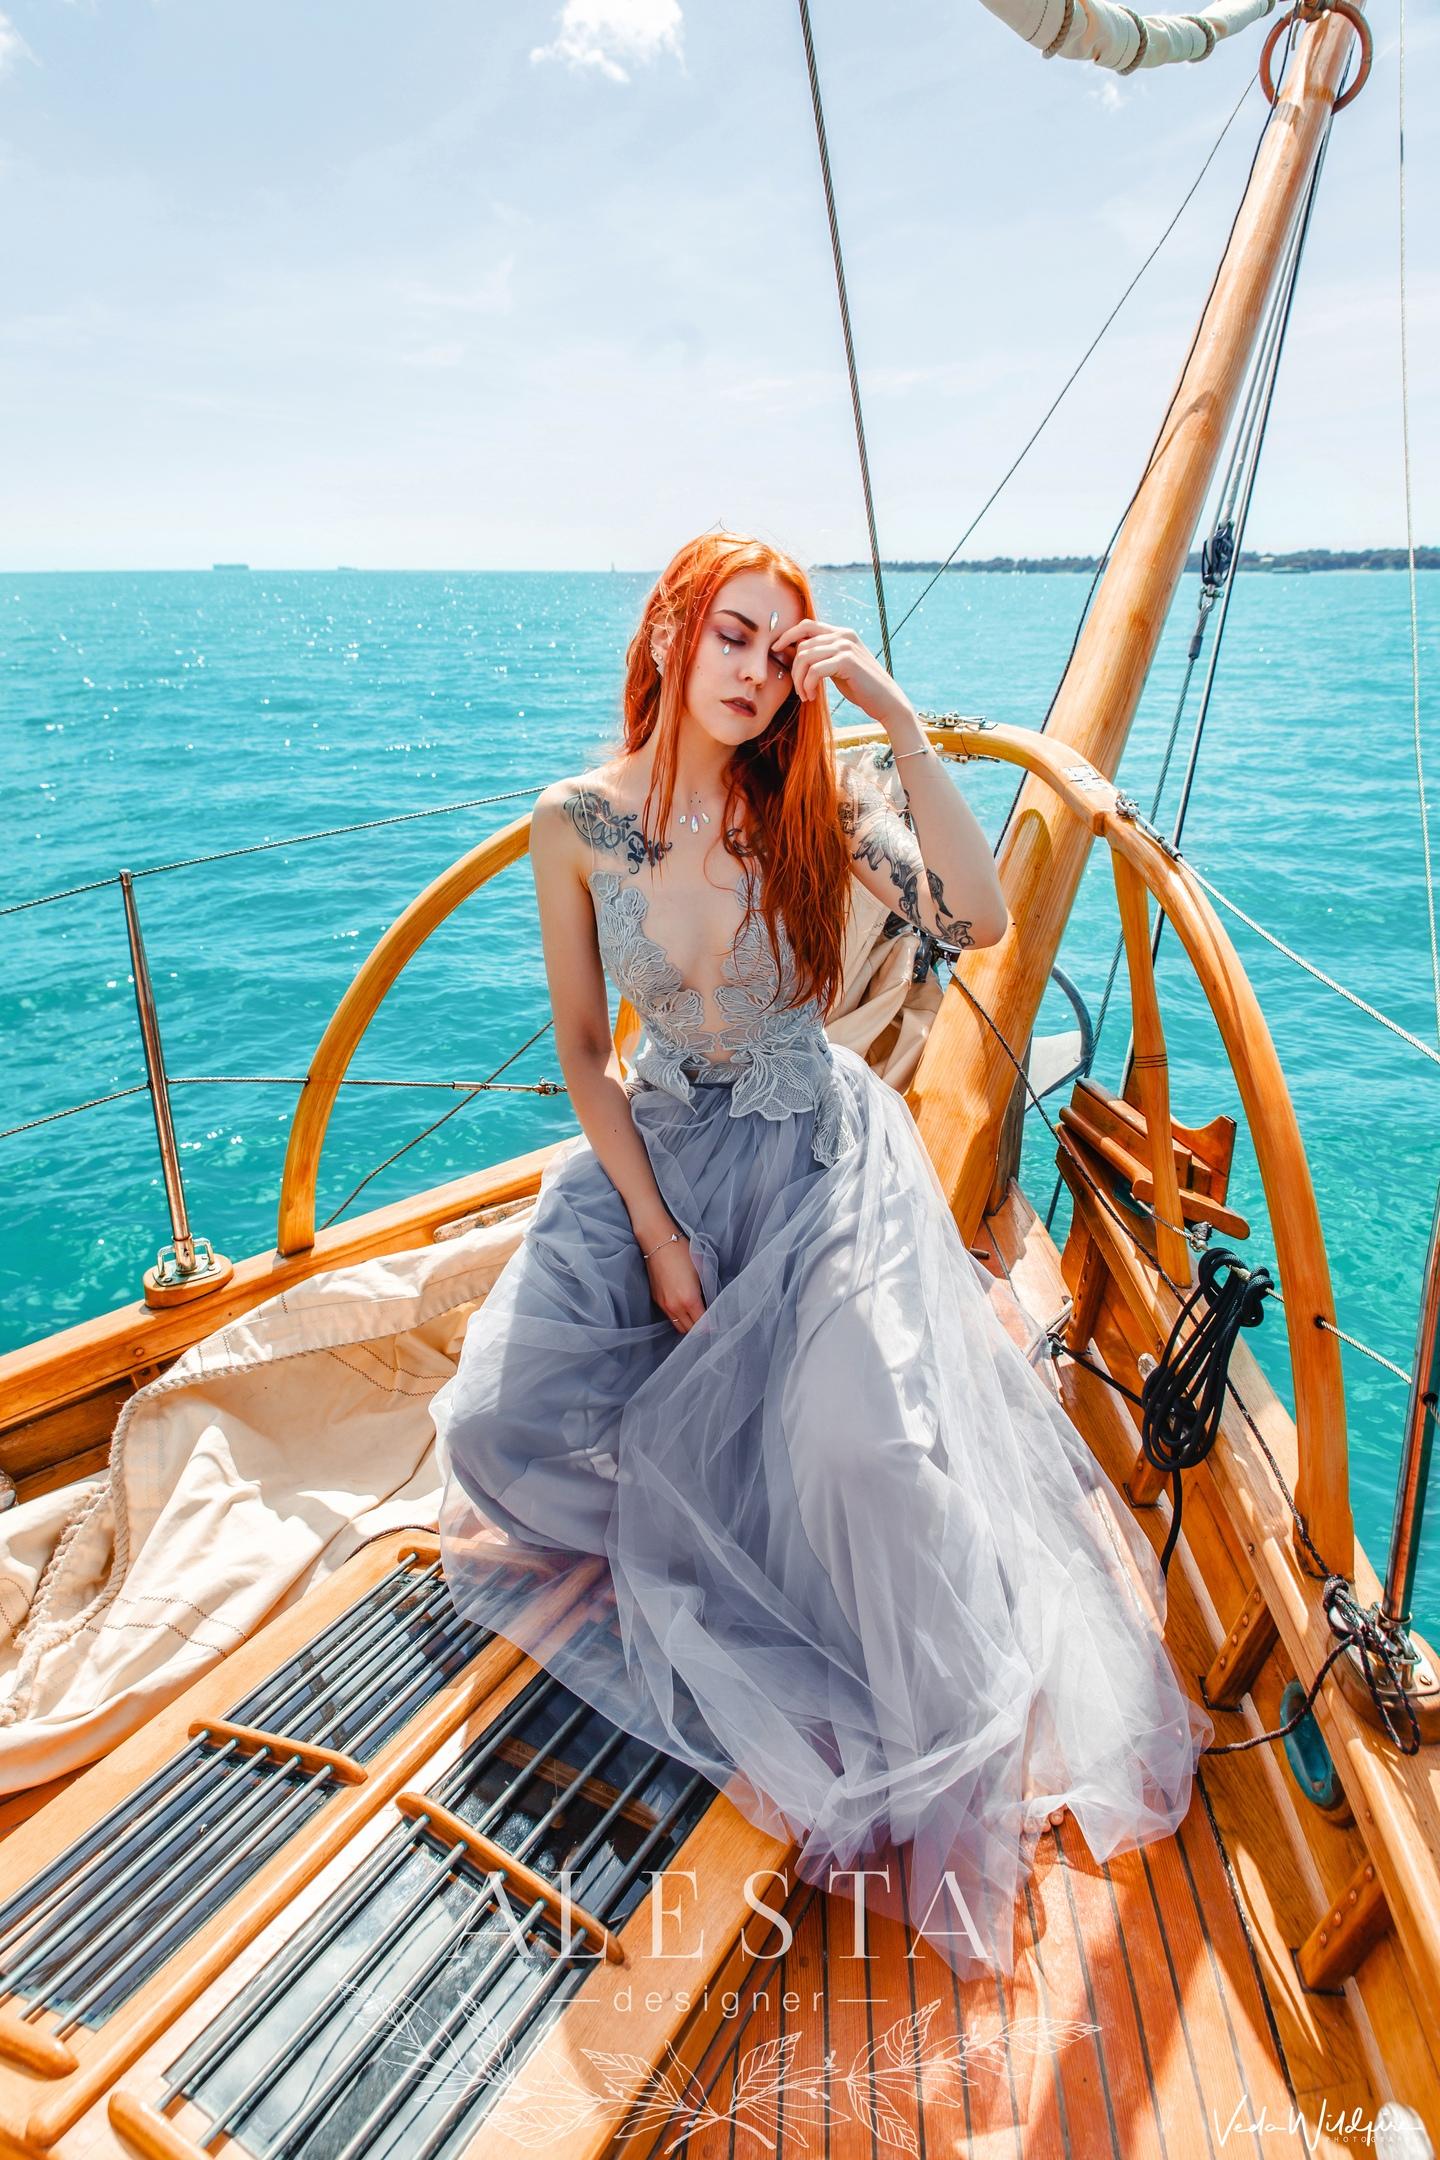 Платье из новой коллекции проделало длинный путь из Уфы до Ветренного Альбиона для спланированной творческой съемки @vedawildfire.